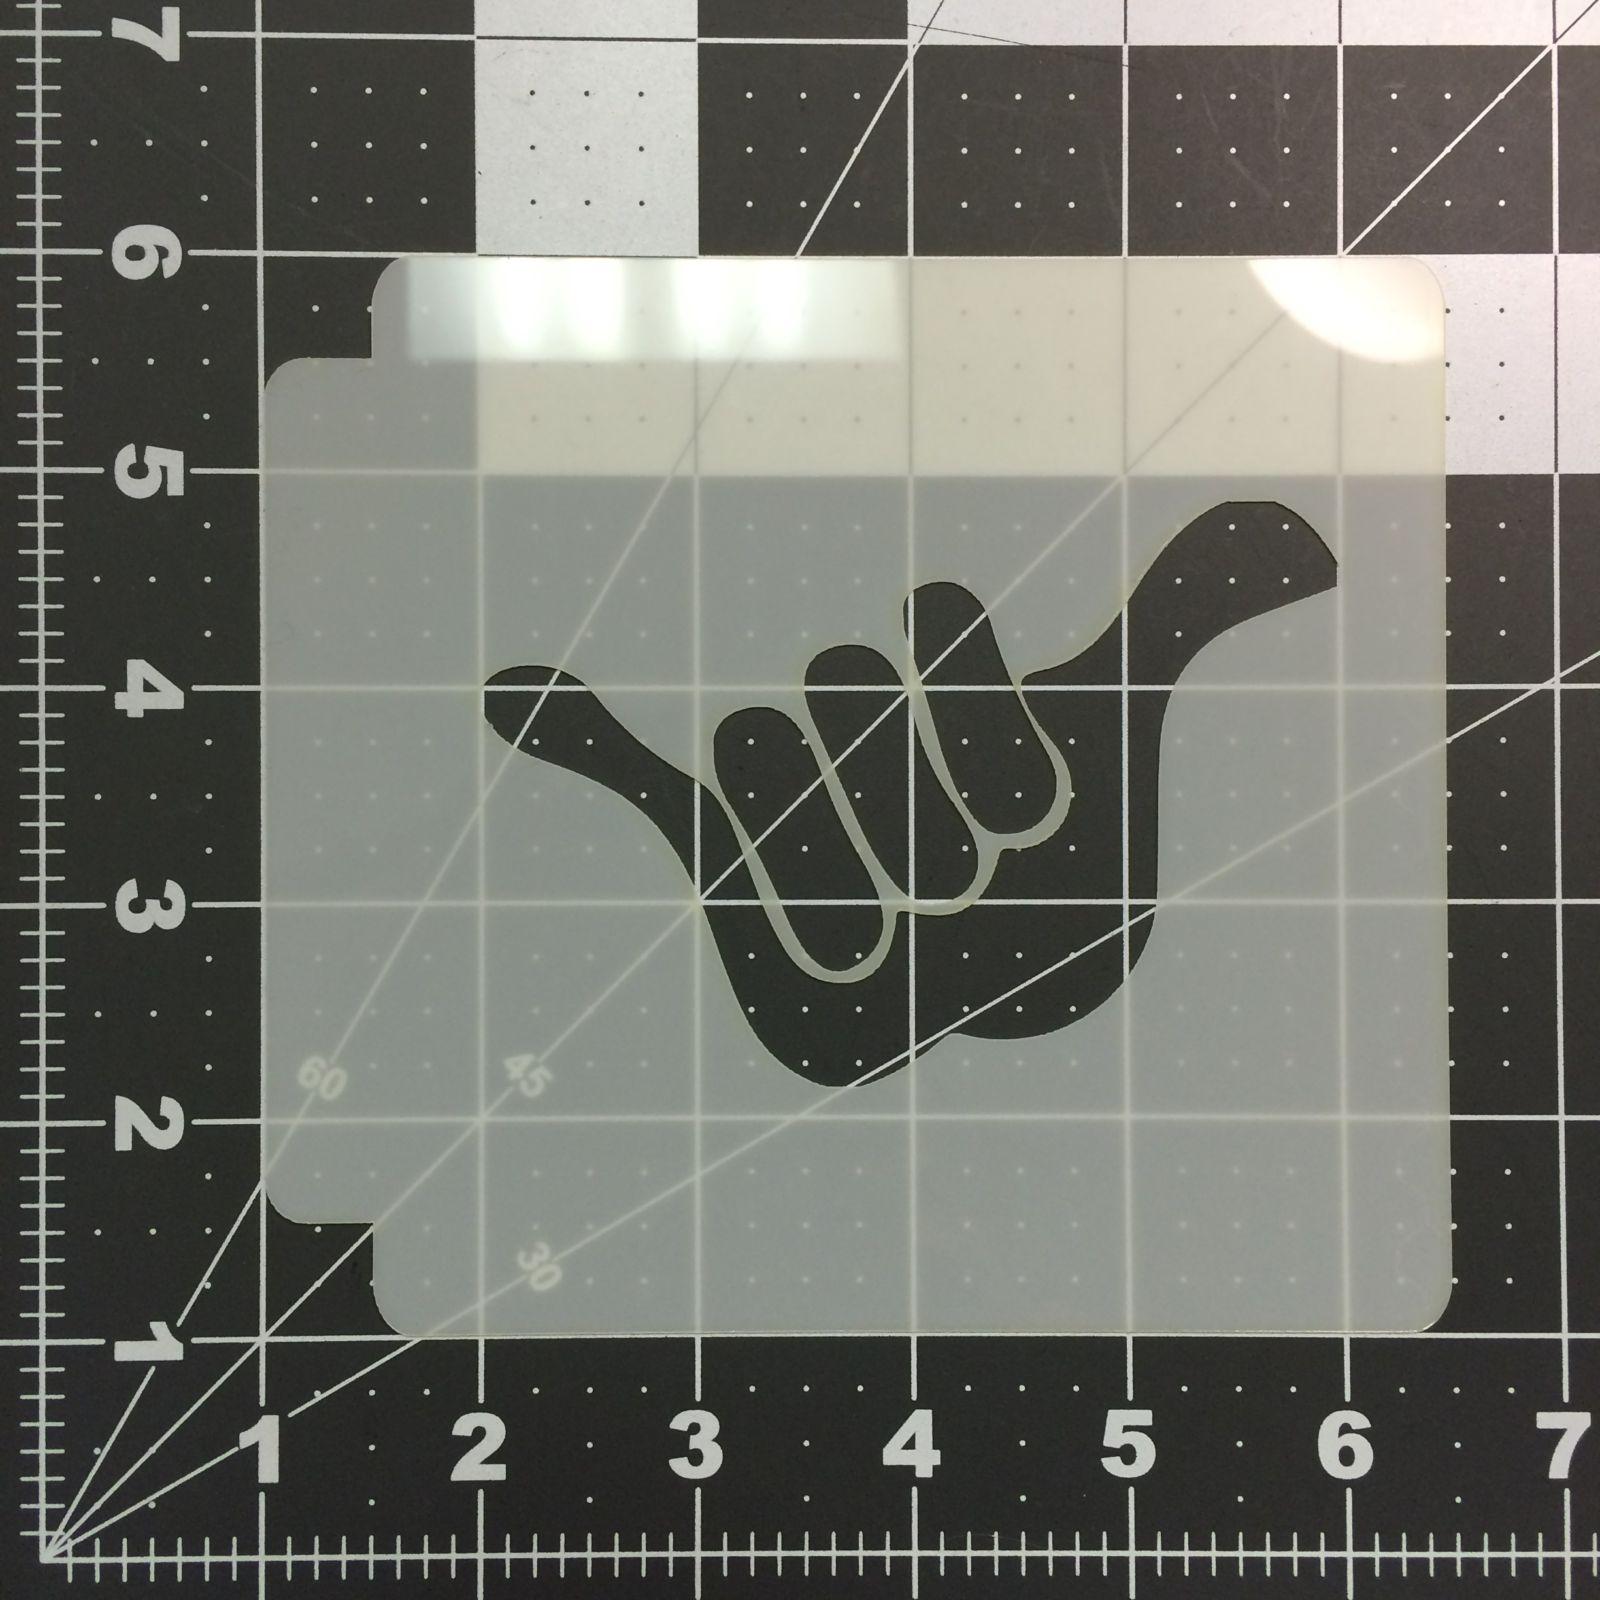 Hang Loose Stencil 100